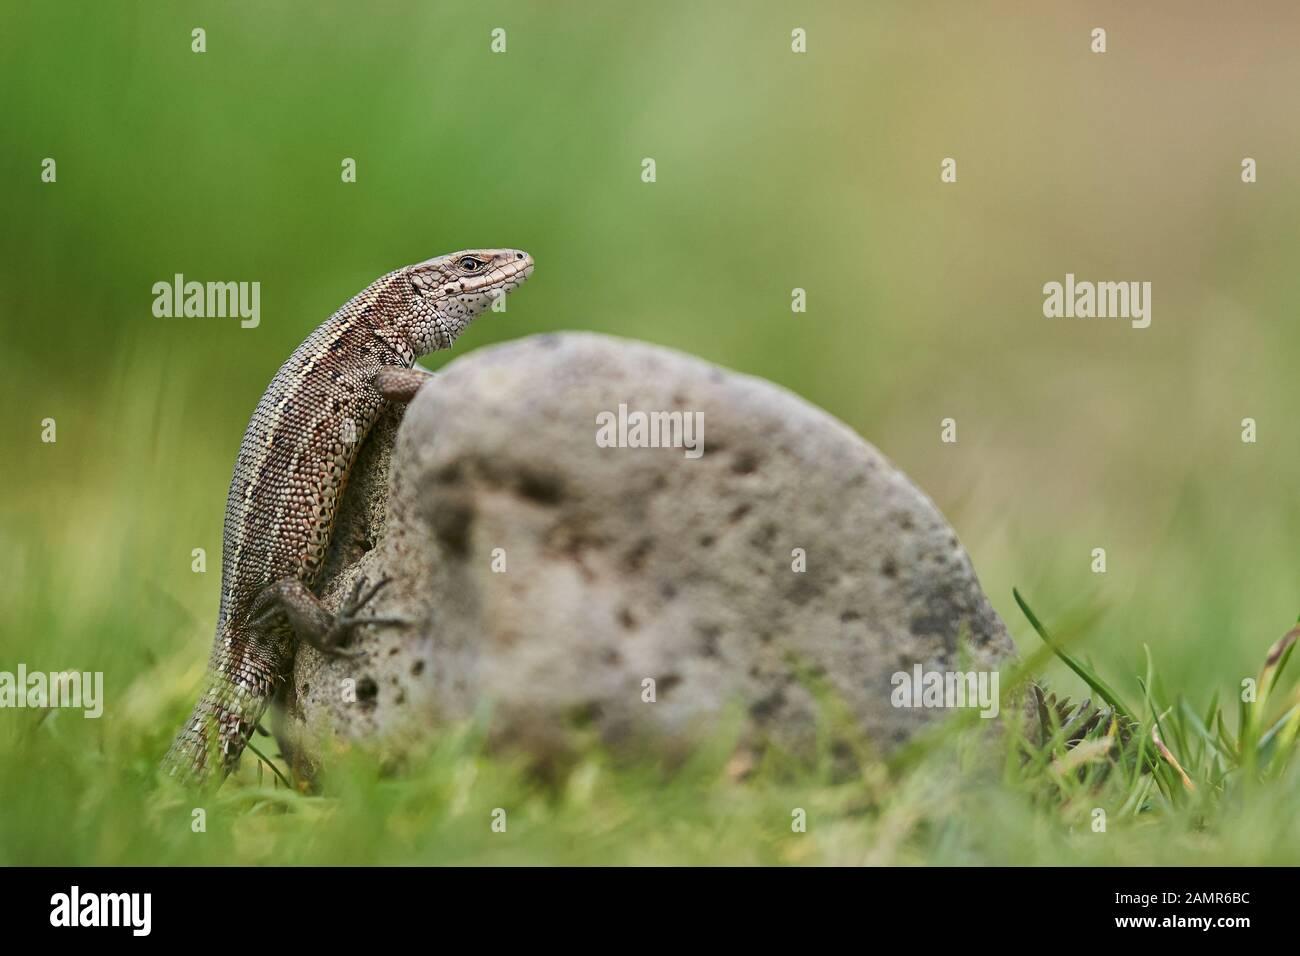 Den lebendgebärenden oder Zootoca vivipara gemeinsamen Eidechse in der Tschechischen Republik Stockfoto